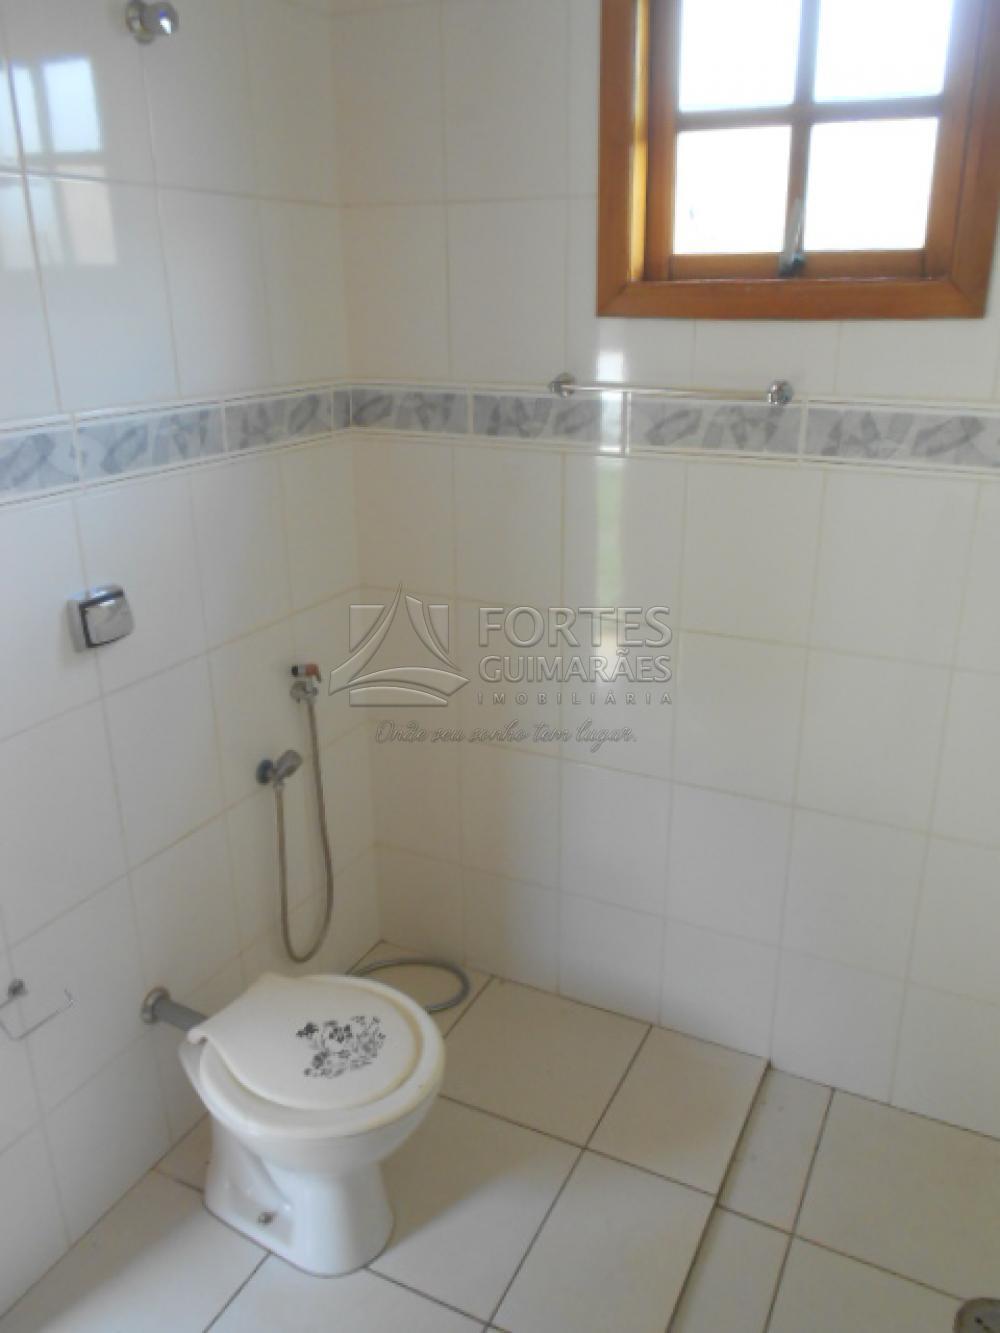 Alugar Casas / Padrão em Ribeirão Preto apenas R$ 12.000,00 - Foto 50